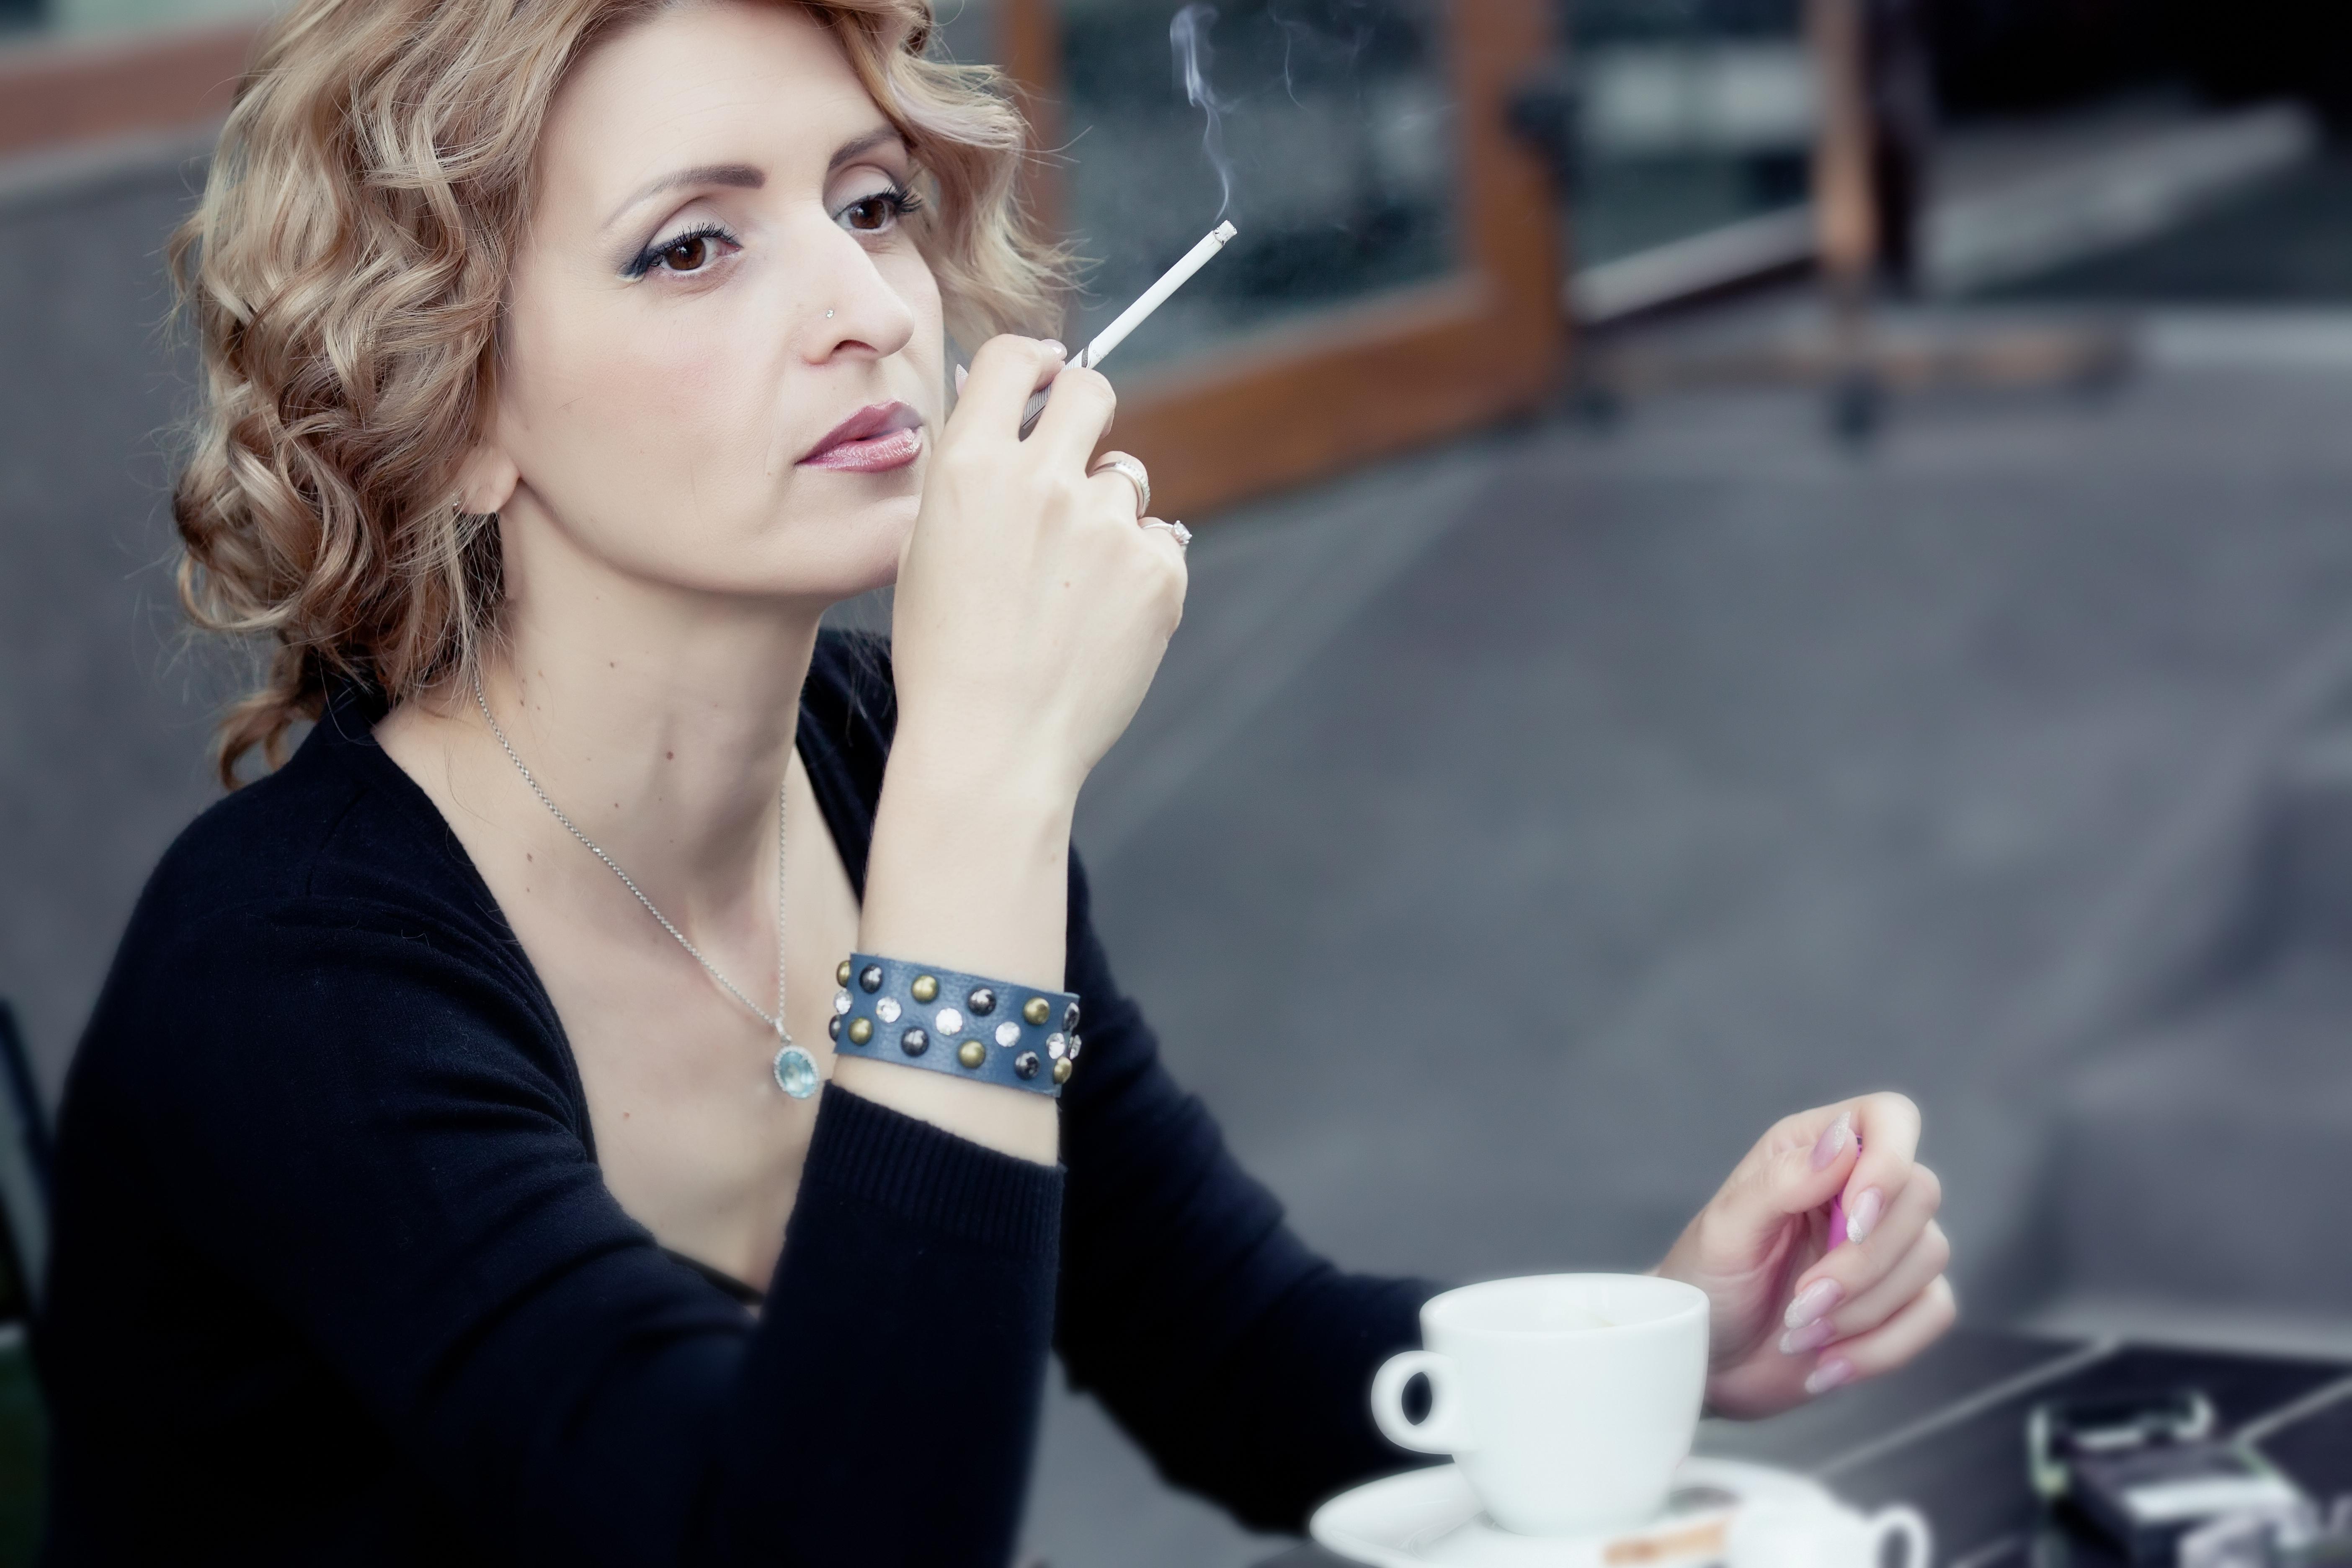 Женская сексуальность курение